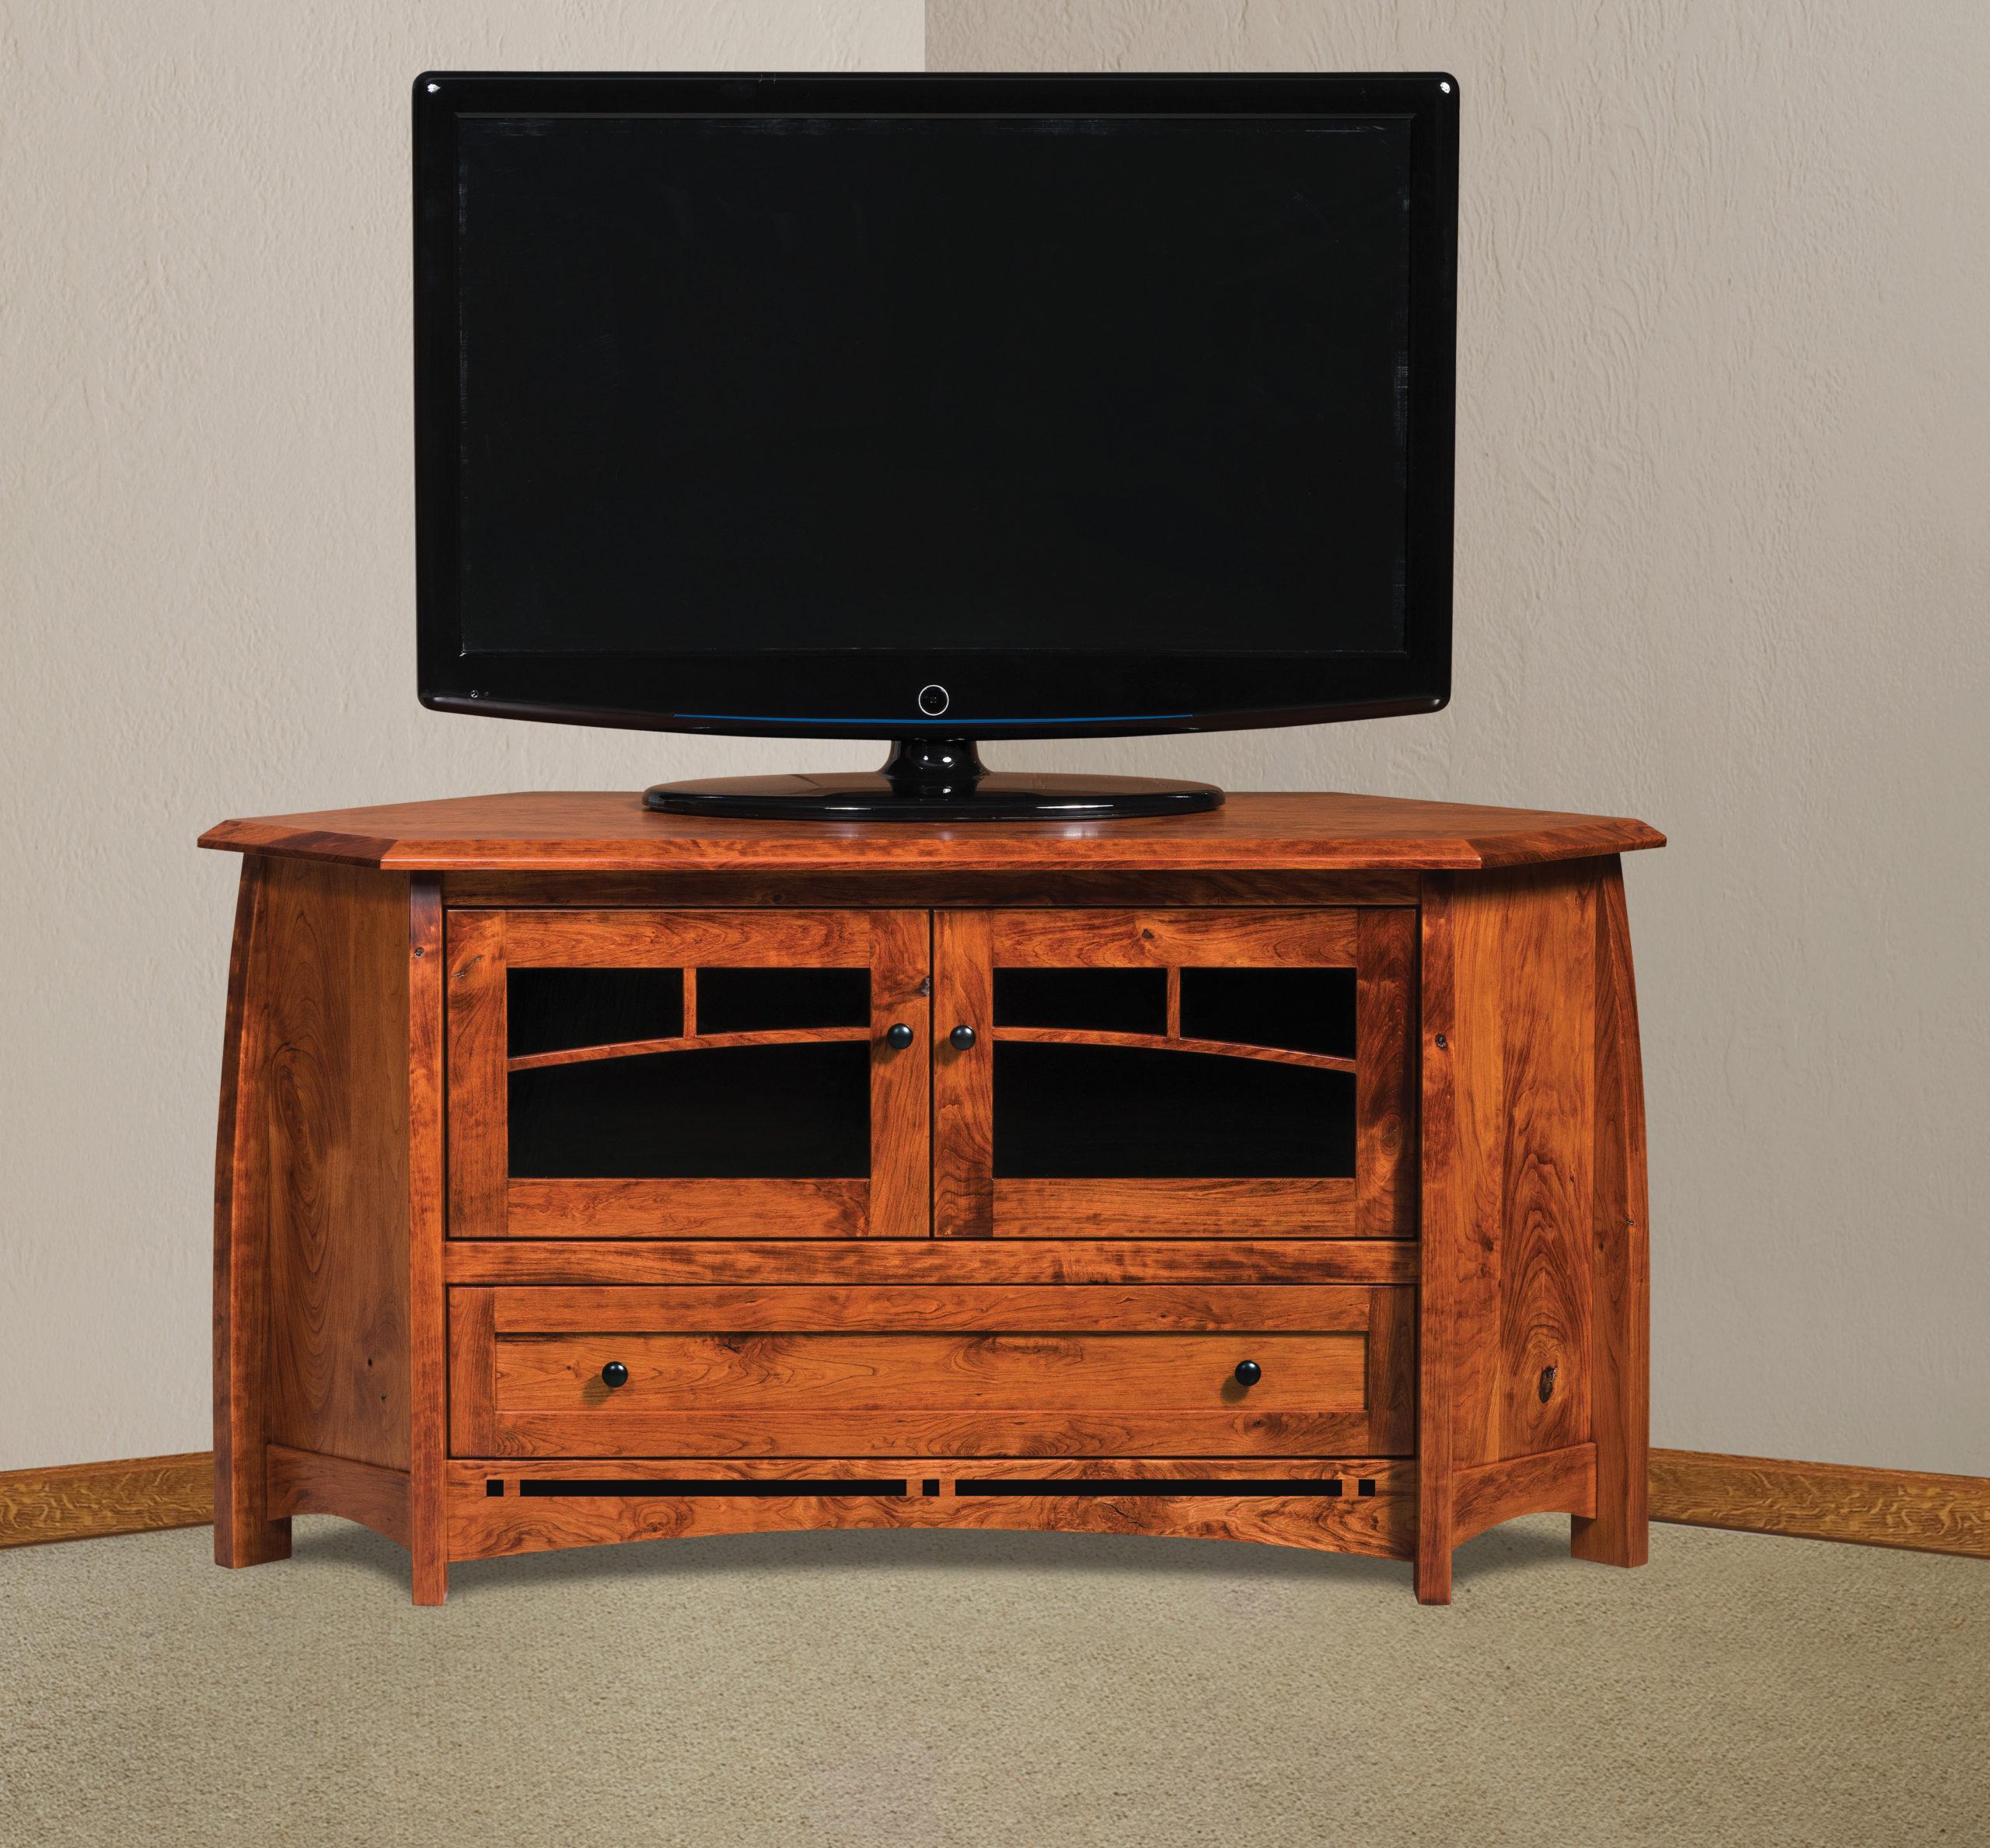 Boulder Creek Corner Tv Stand | Amish Solid Wood Tv Stands Inside Priya Corner Tv Stands (View 1 of 20)